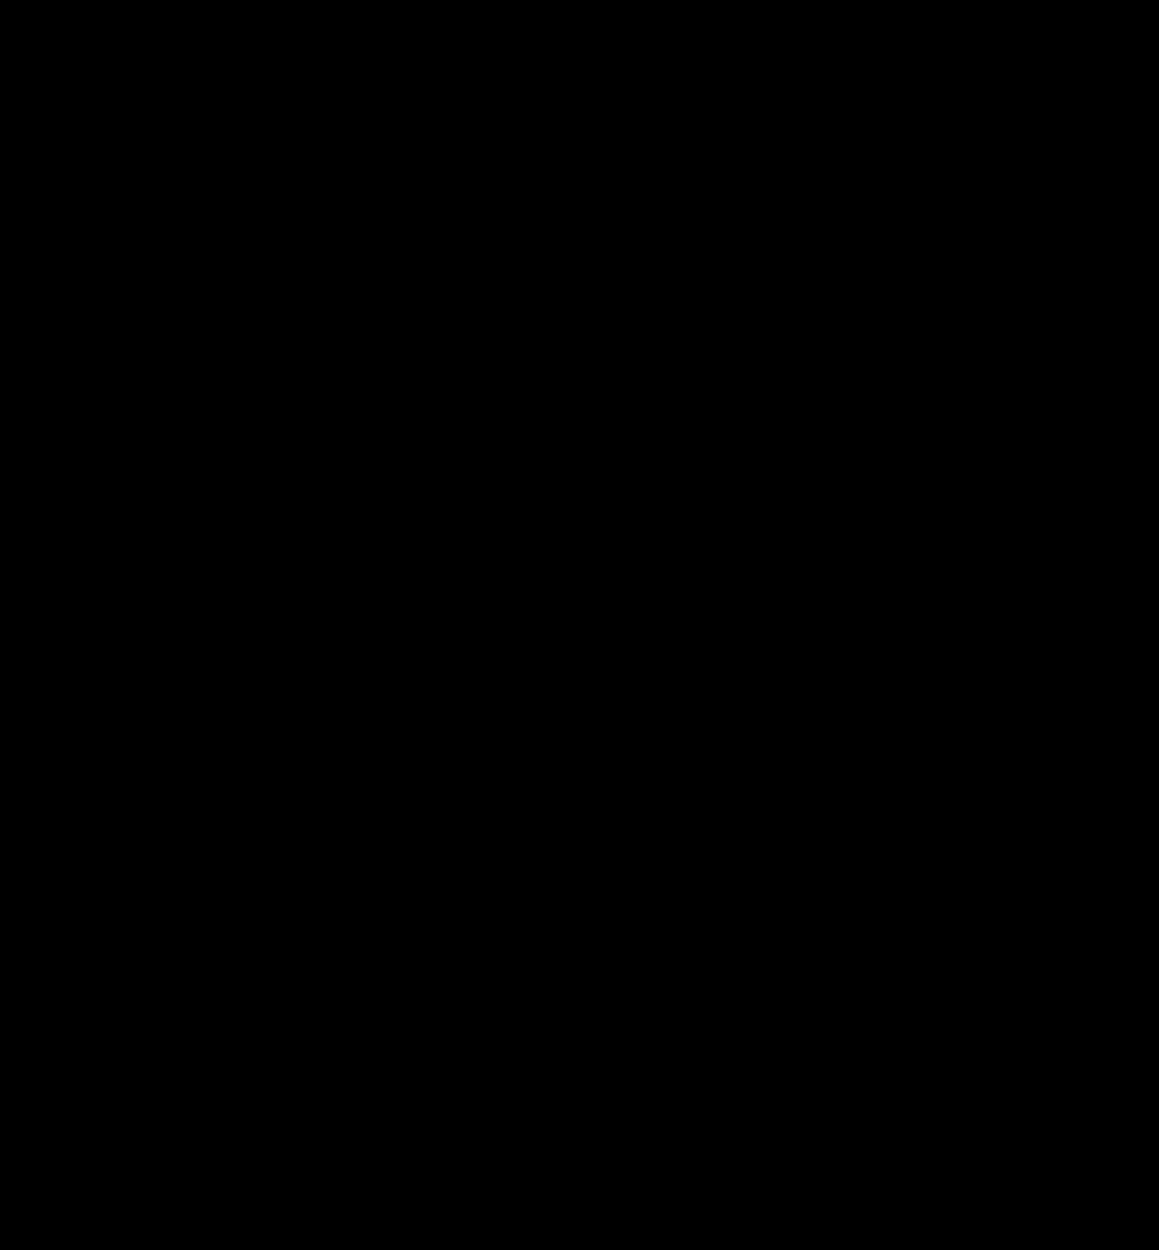 東北大學新聞 エイプリルフール號2017: 2017年非流行語大賞発表 ~大賞は「宵越しの銭は持たない」に~